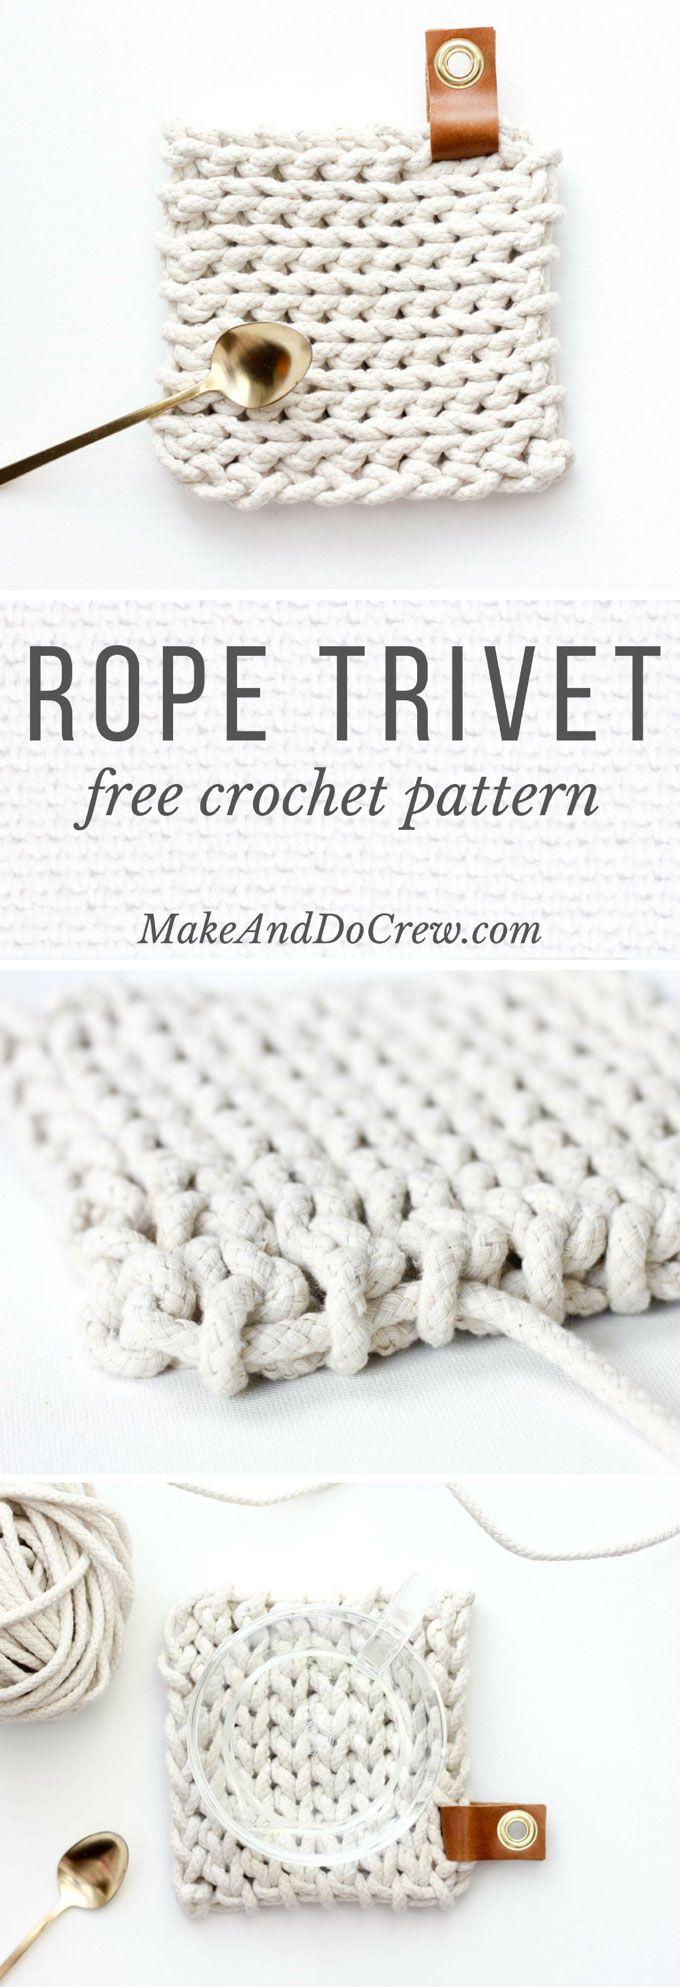 196 best Crochet for the Home images on Pinterest | Crochet ideas ...